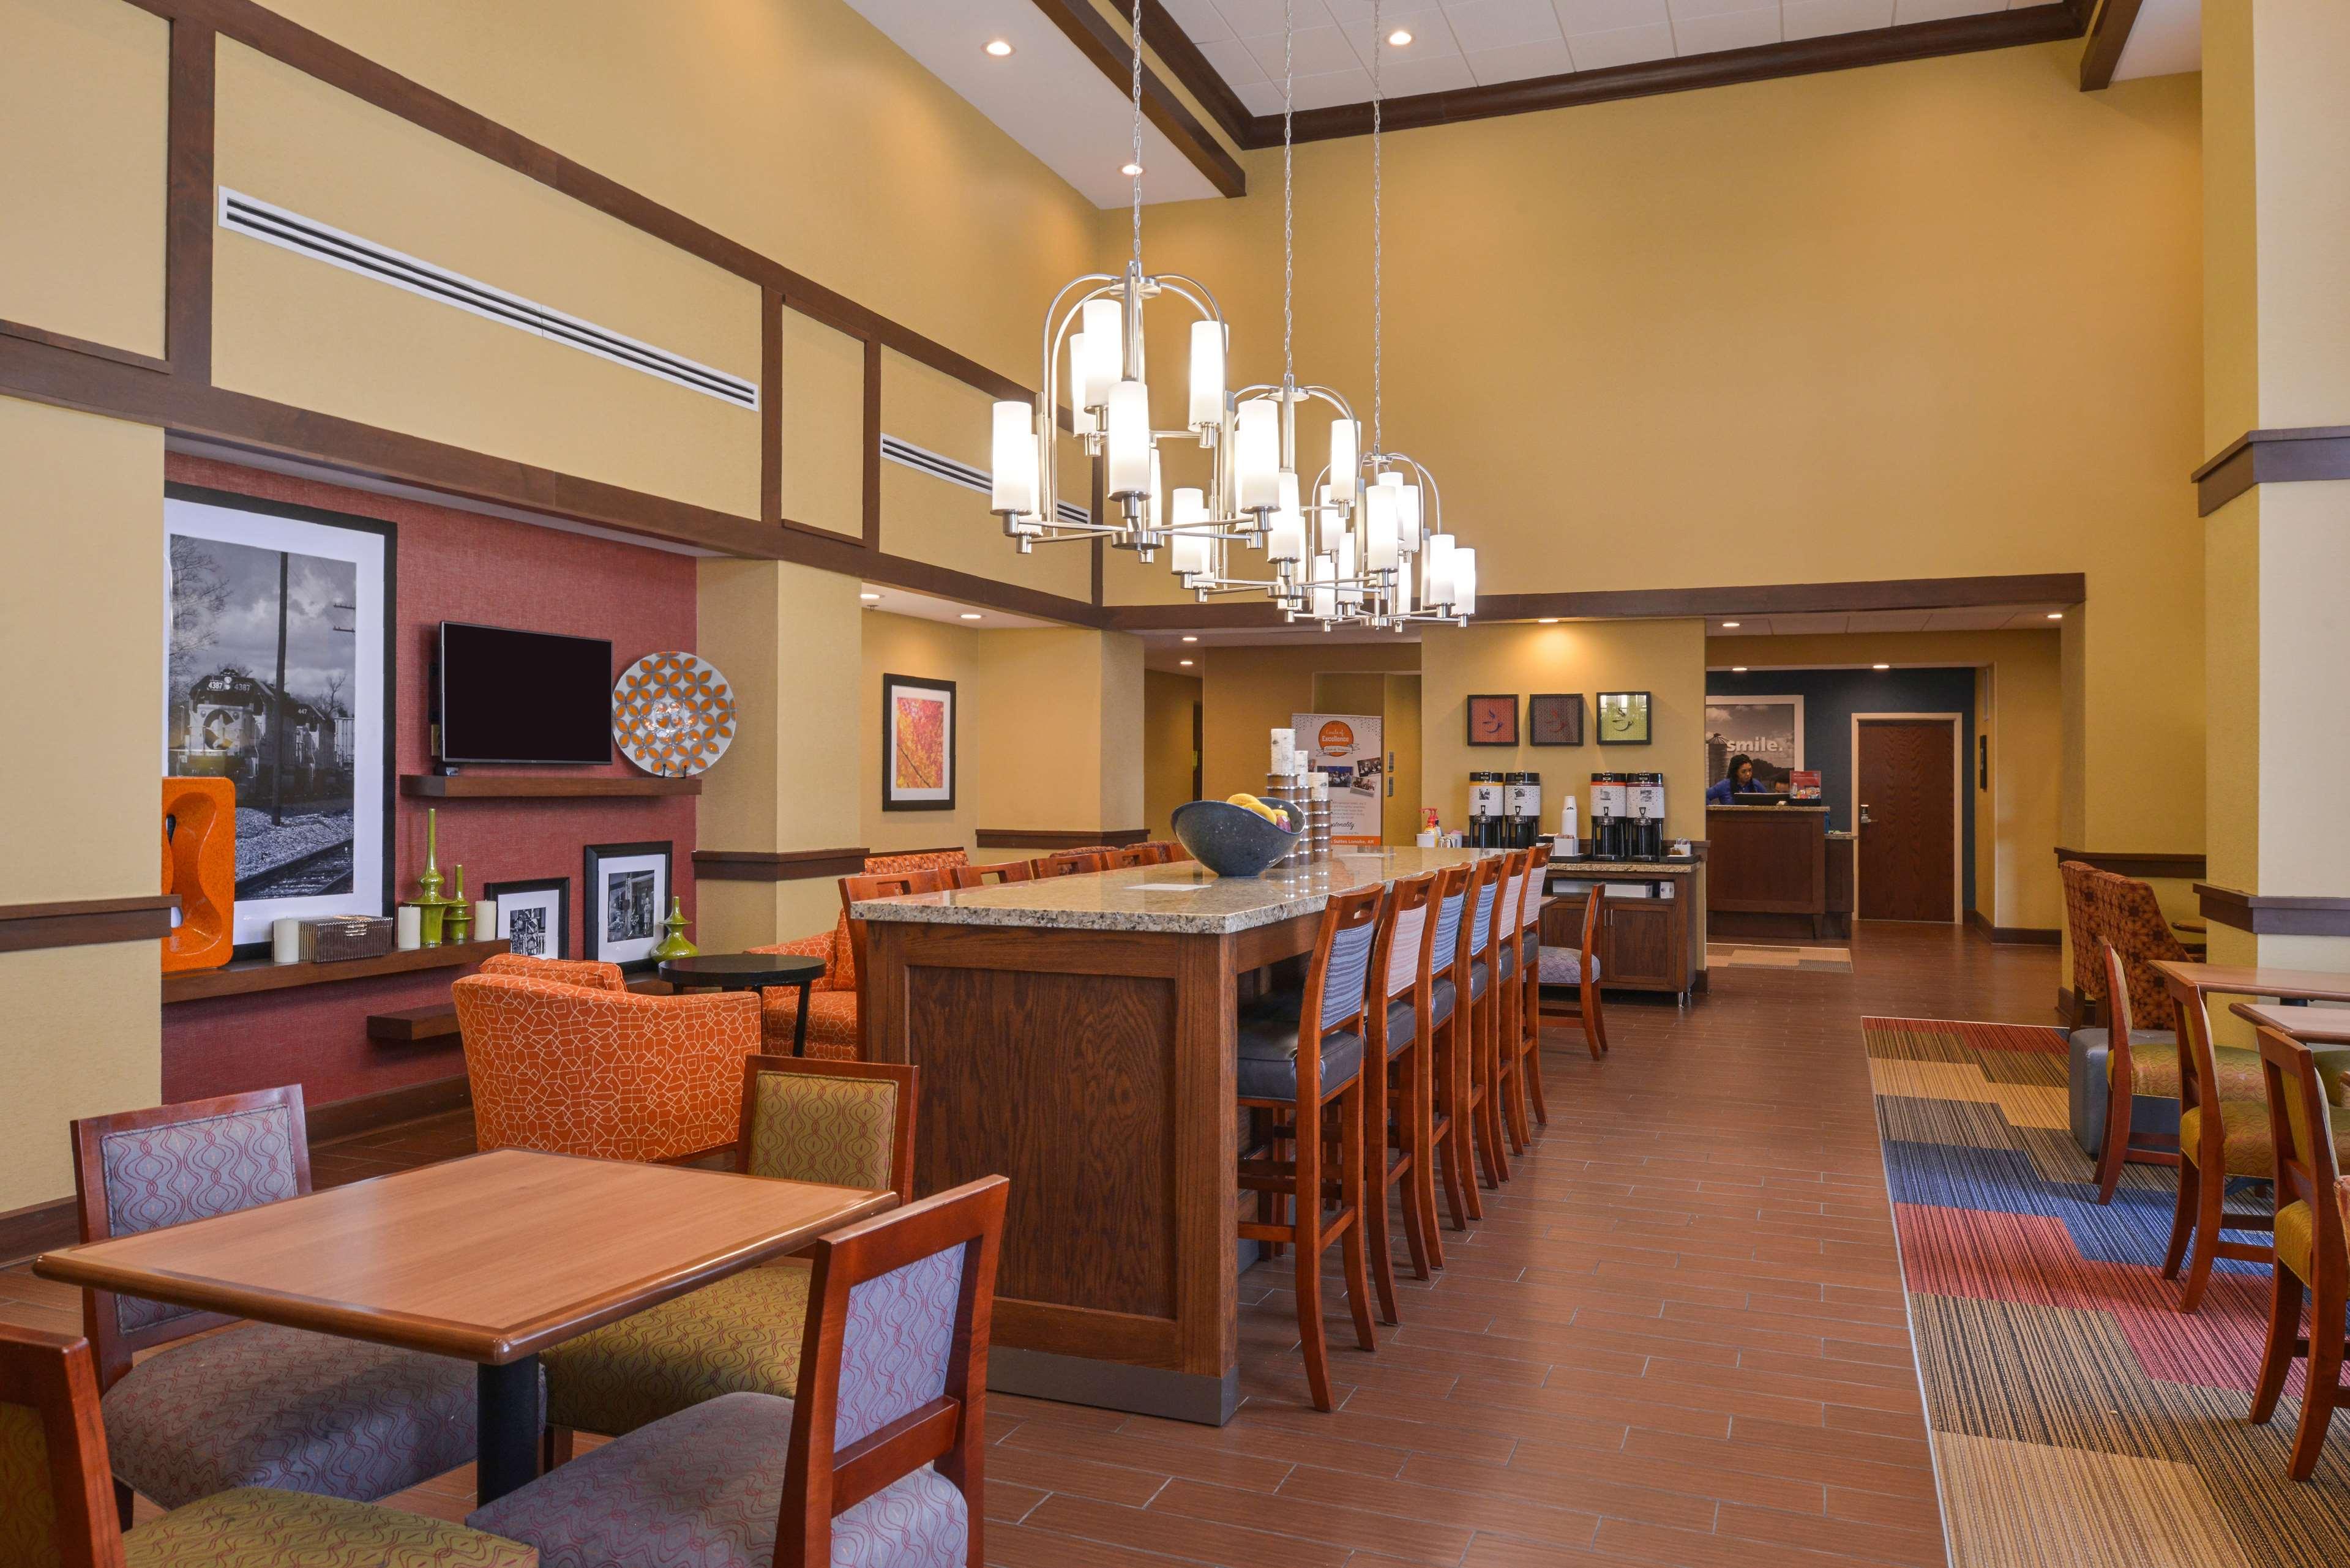 Hampton Inn & Suites Lonoke image 6